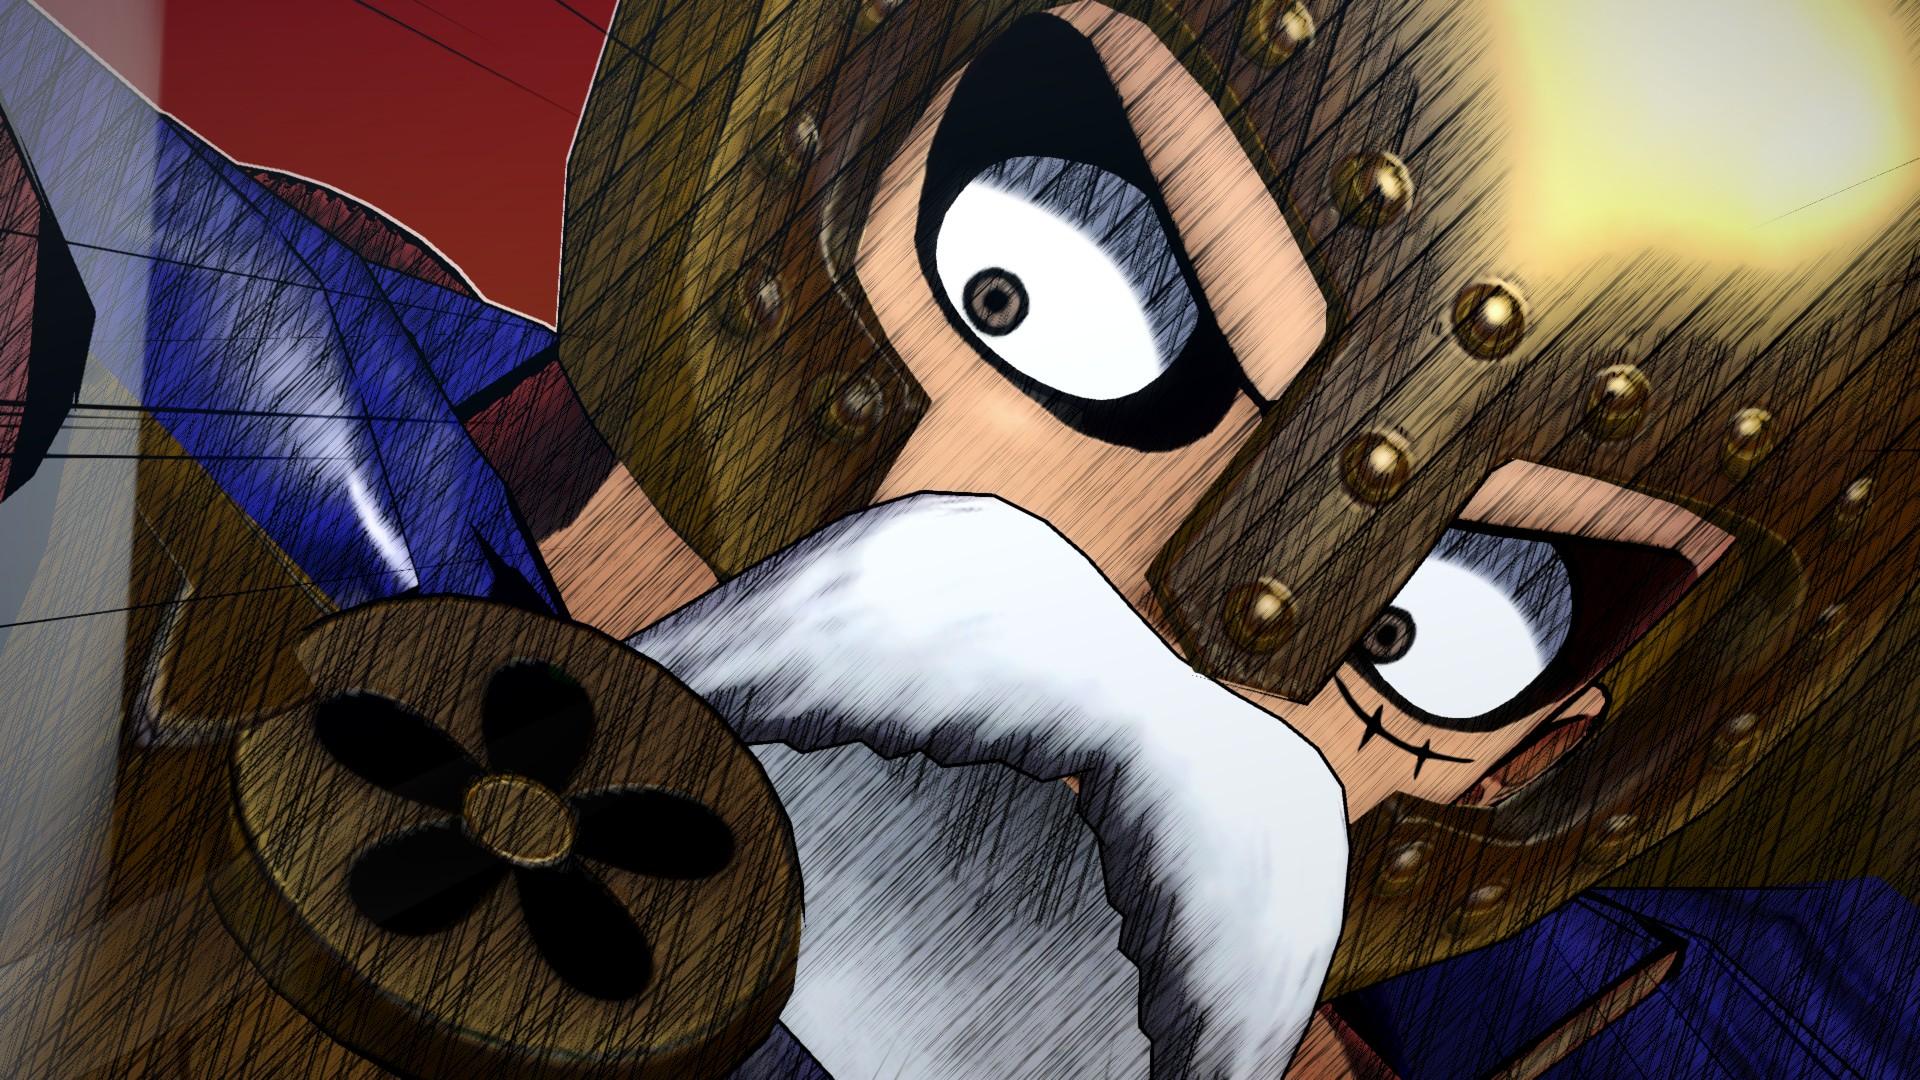 Bonusy za předobjednávku digitálních kopií One Piece: Burning Blood 122776